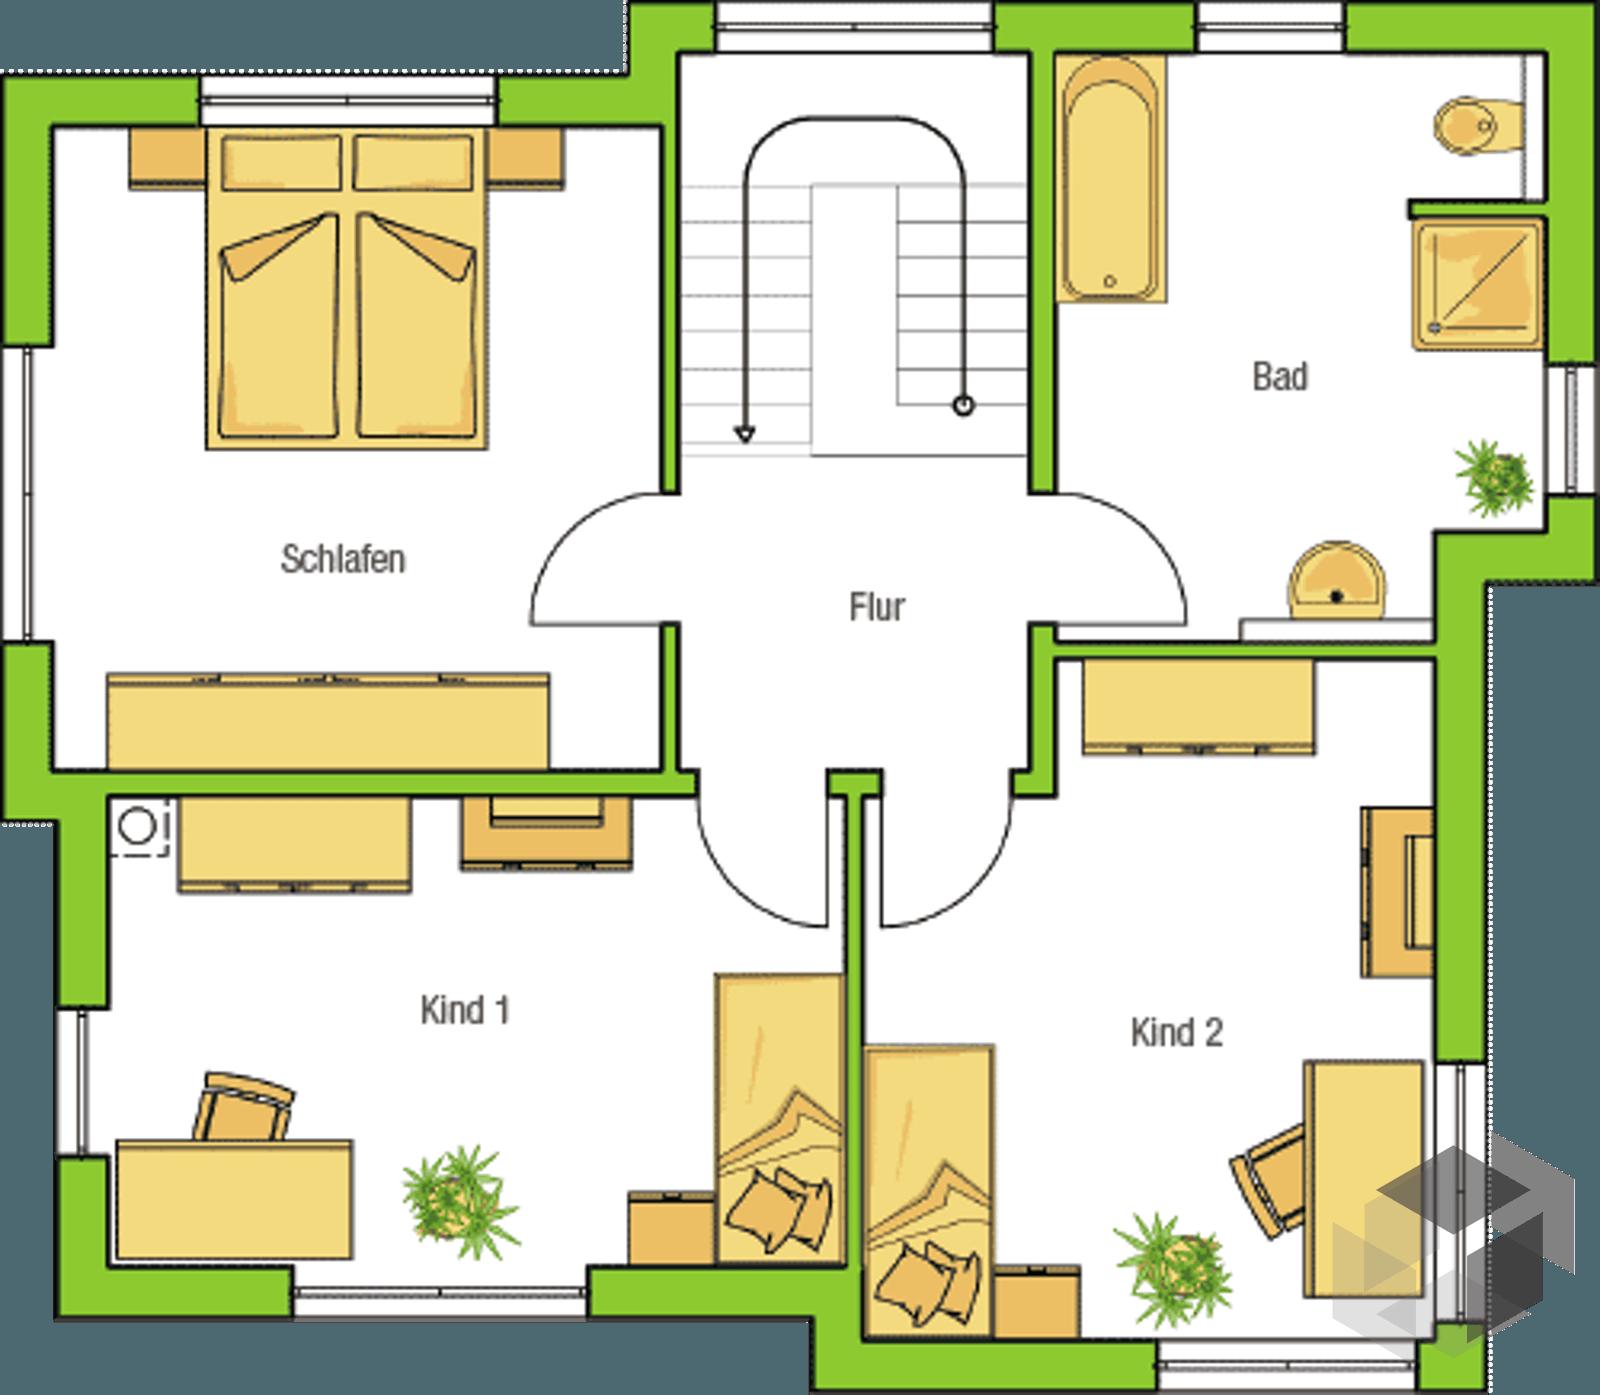 malaga von helma eigenheimbau komplette daten bersicht. Black Bedroom Furniture Sets. Home Design Ideas